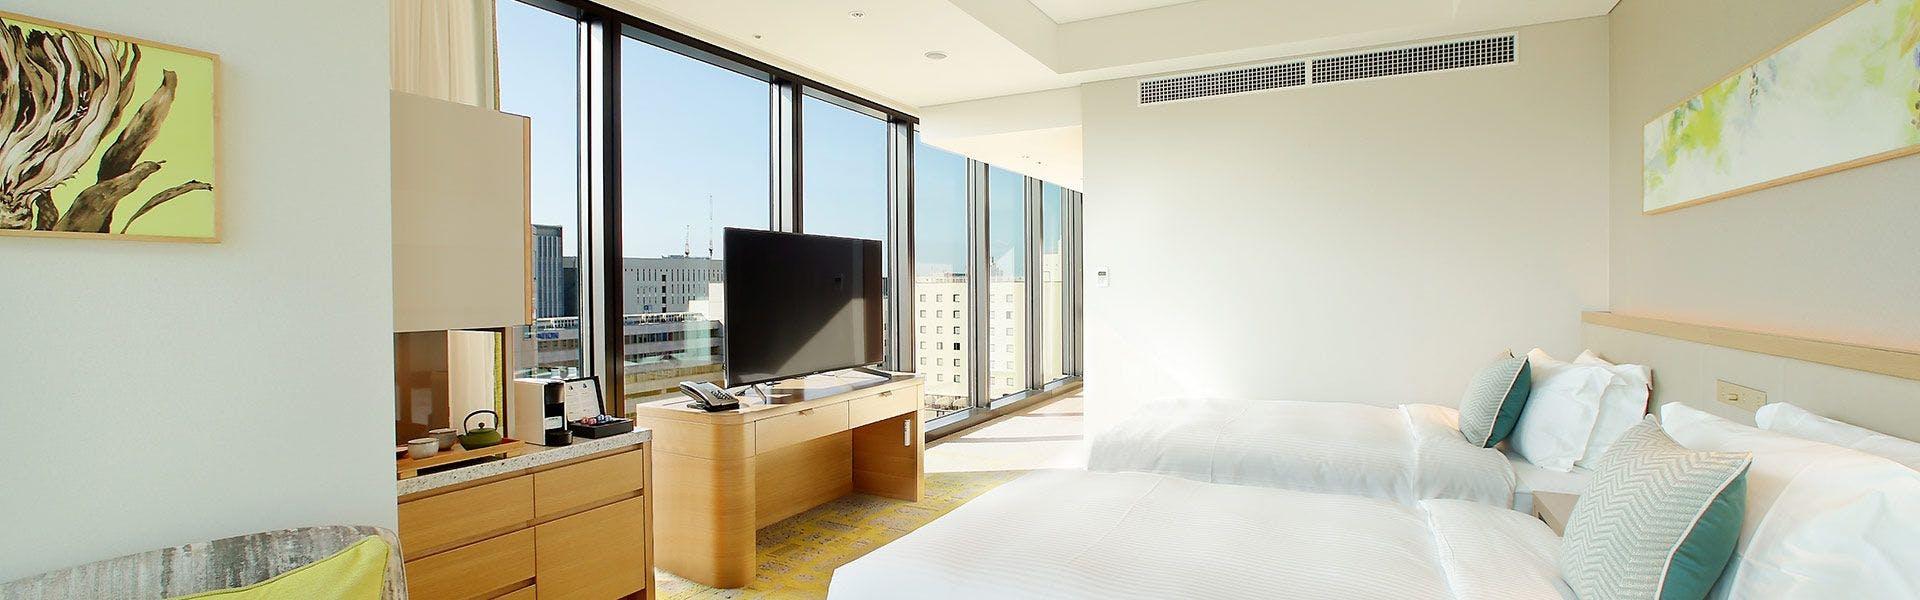 記念日におすすめのホテル・【都ホテル 博多】の写真2